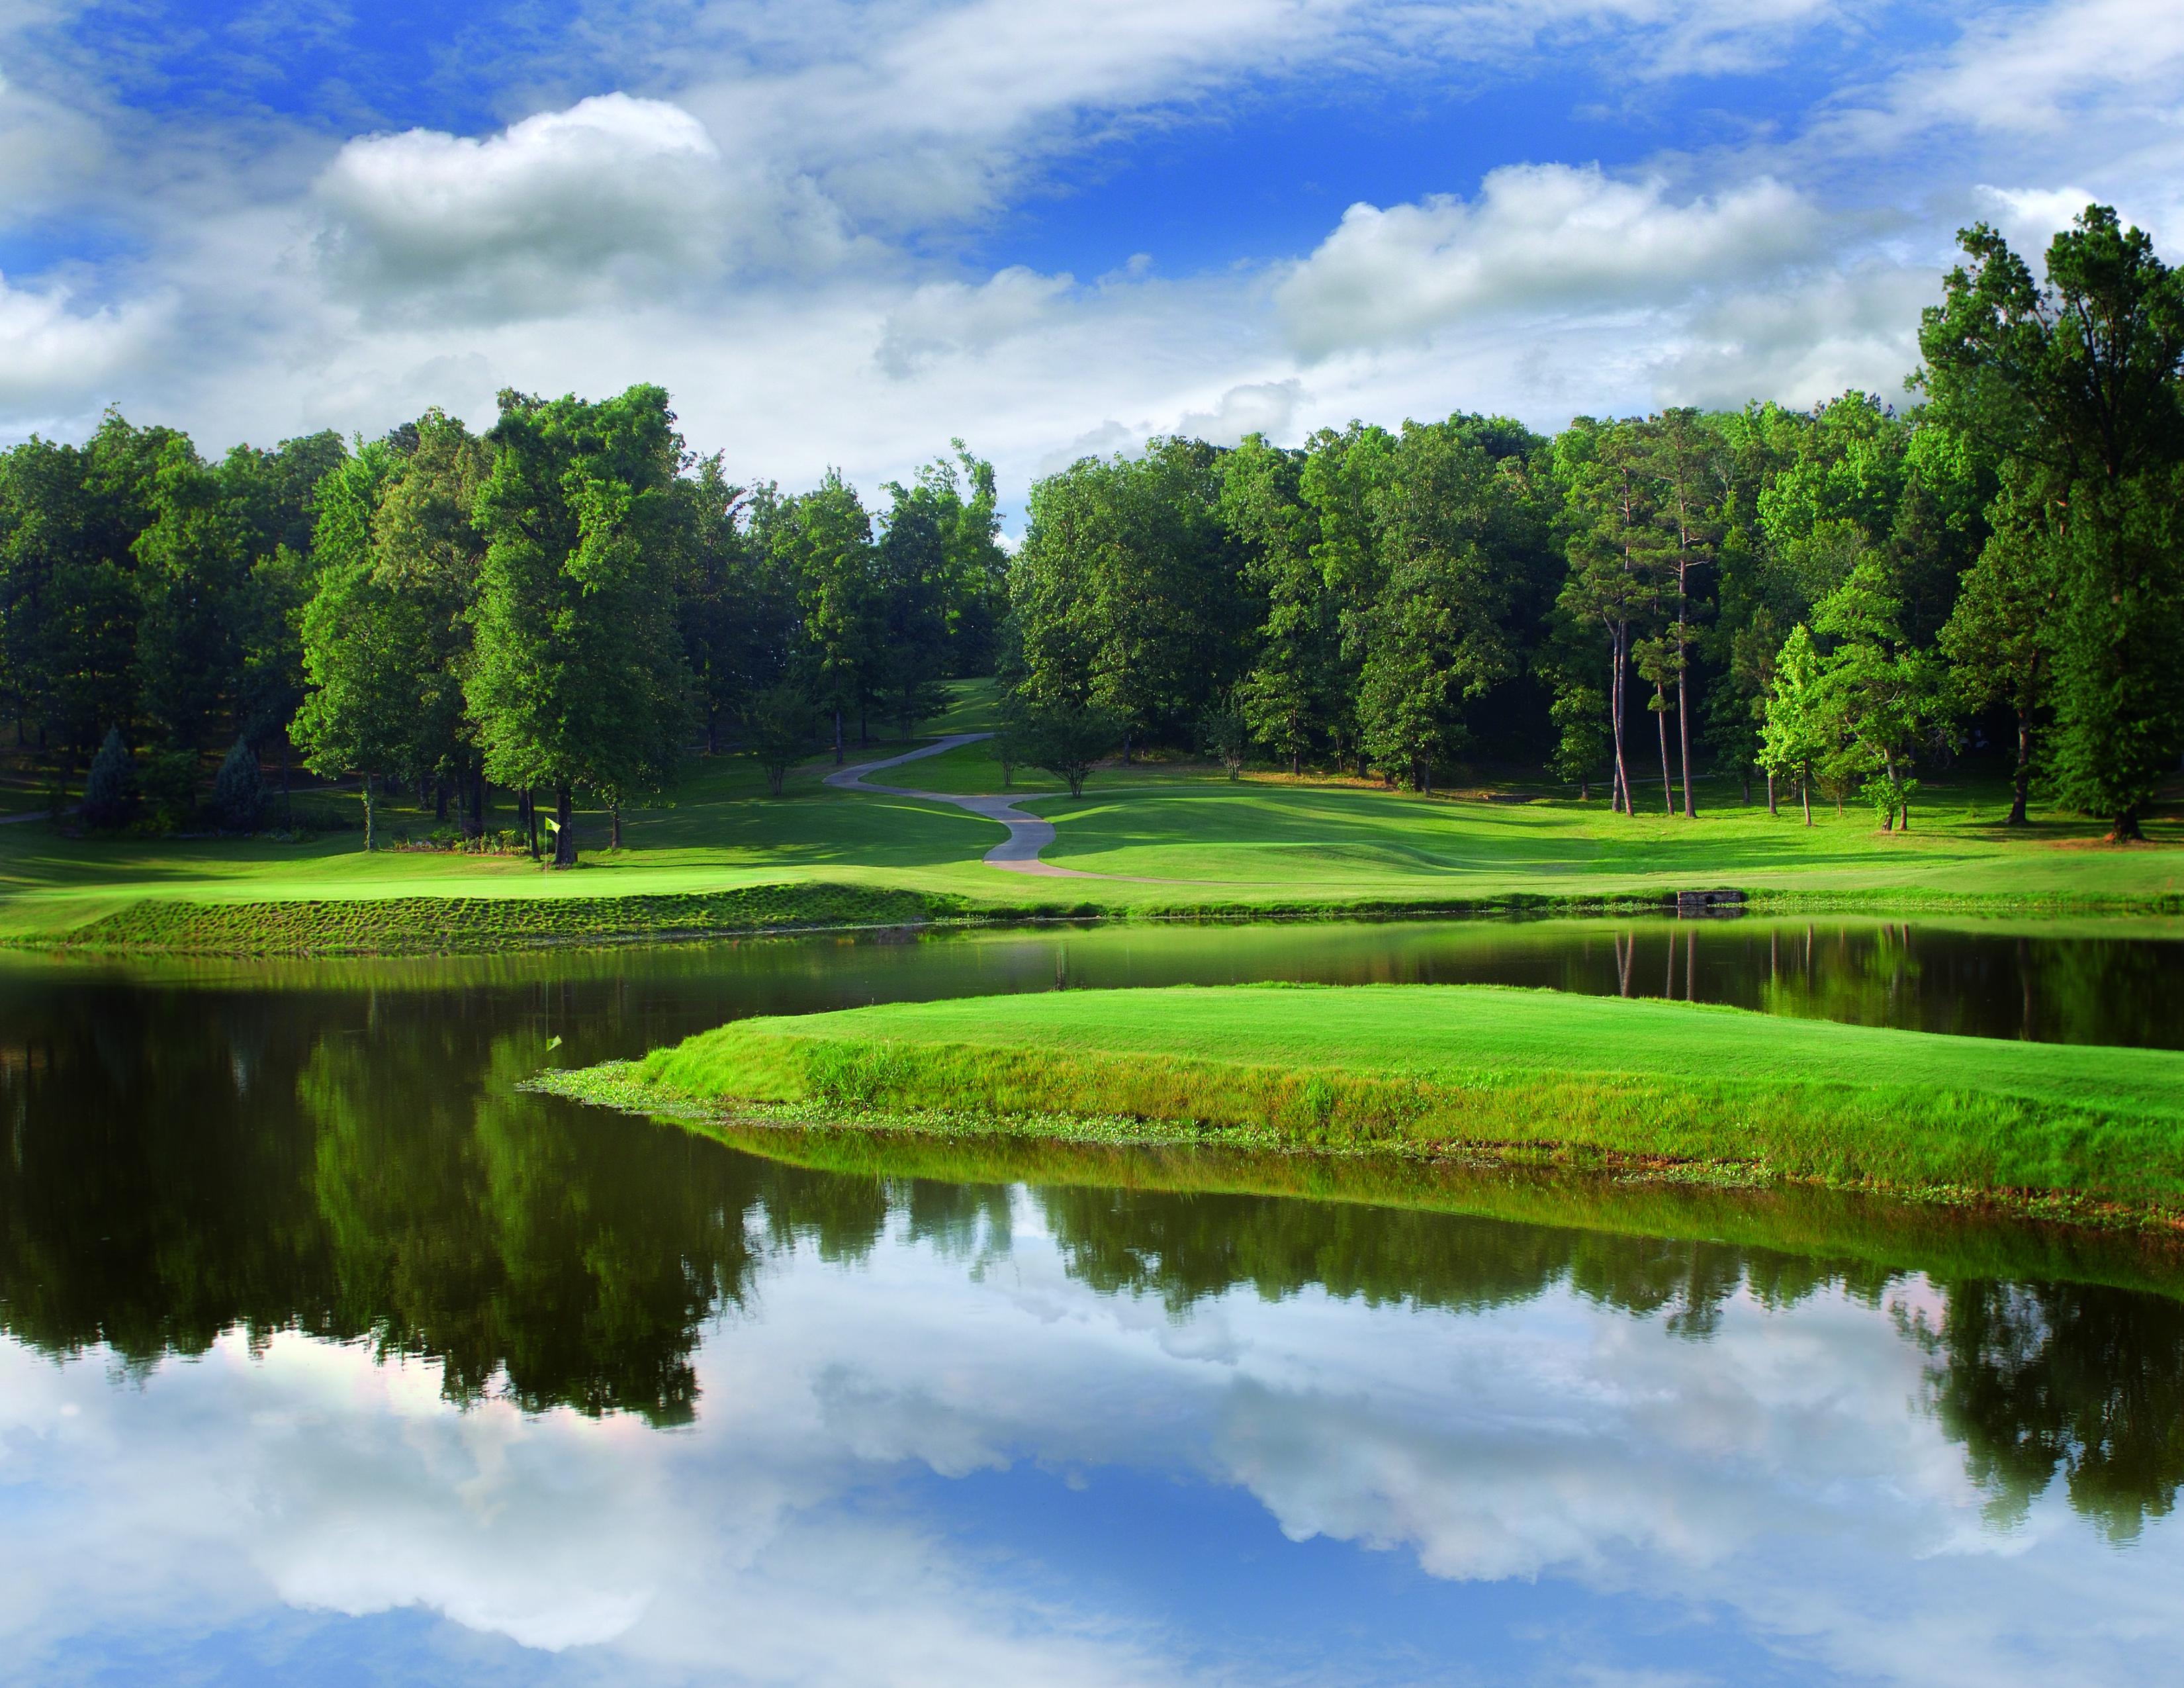 Glenwood.golf